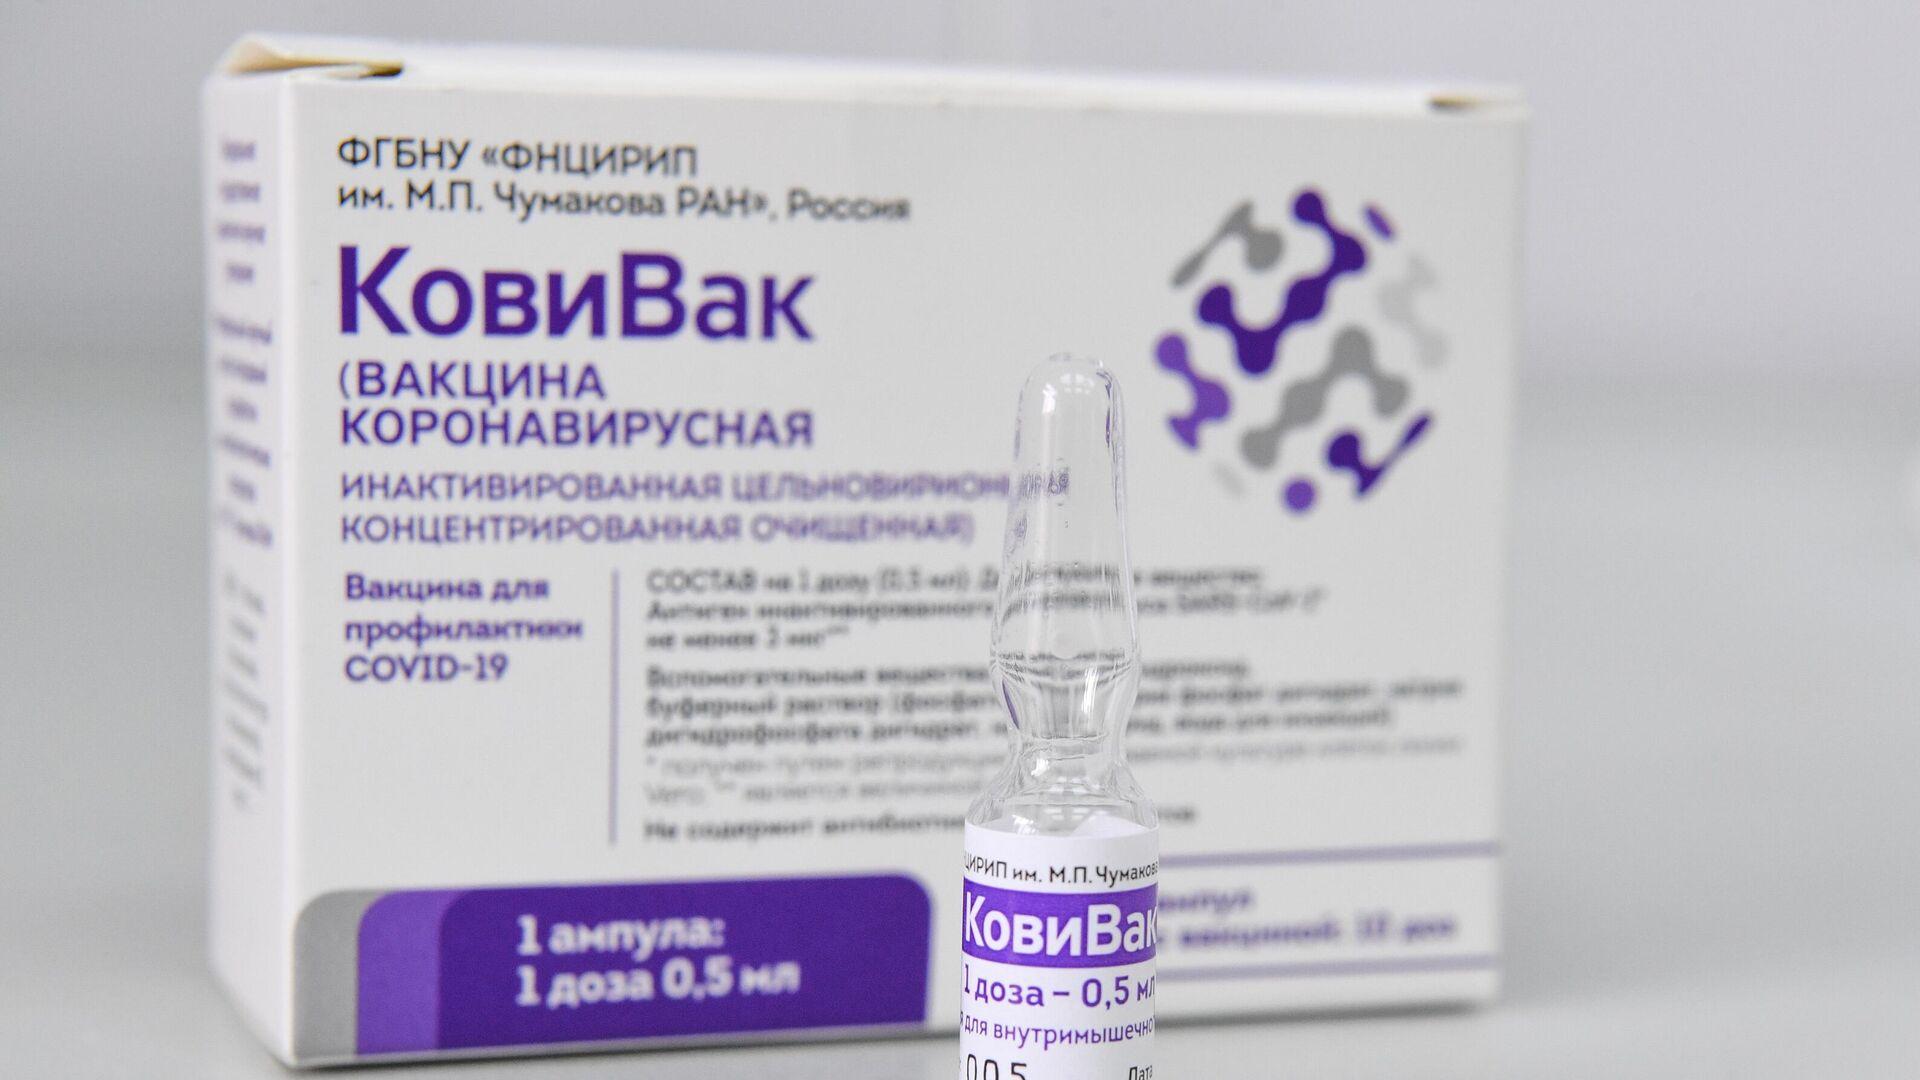 Вакцинация препаратом КовиВак в городской поликлинике №7 в Новосибирске - РИА Новости, 1920, 22.06.2021